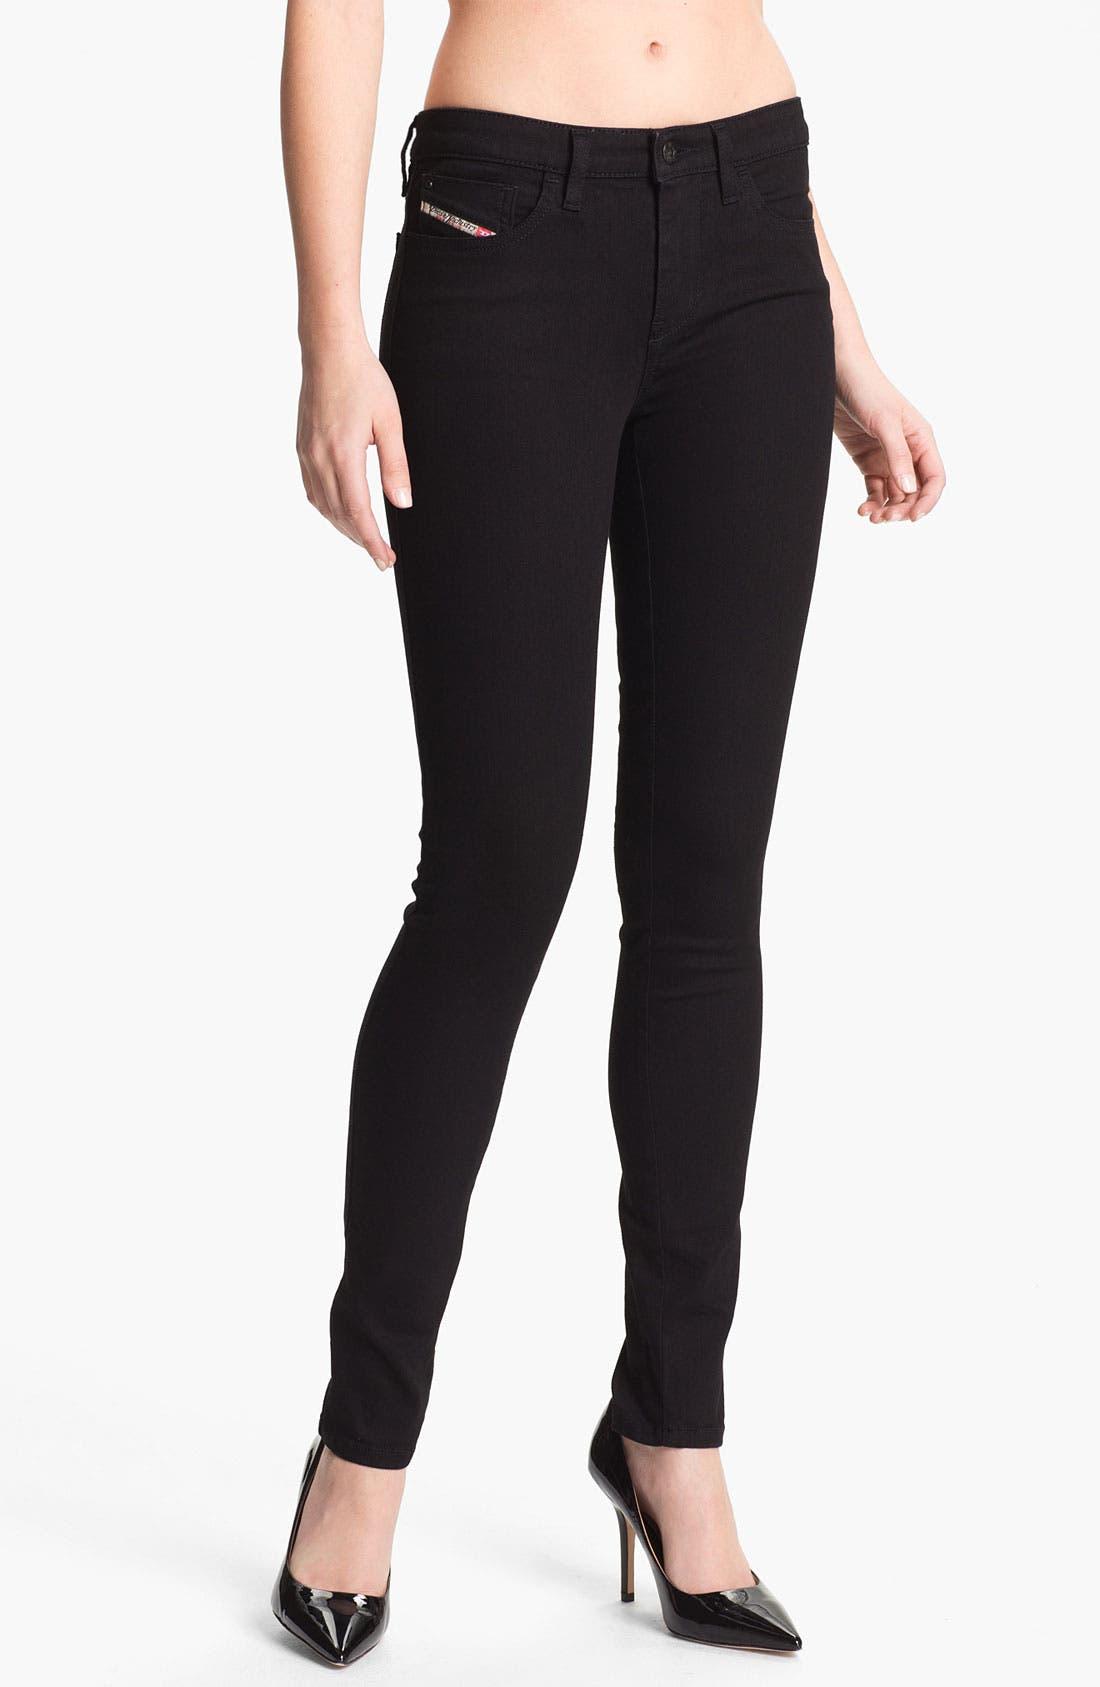 Alternate Image 1 Selected - DIESEL® 'Skinzee' Stretch Skinny Jeans (Black)